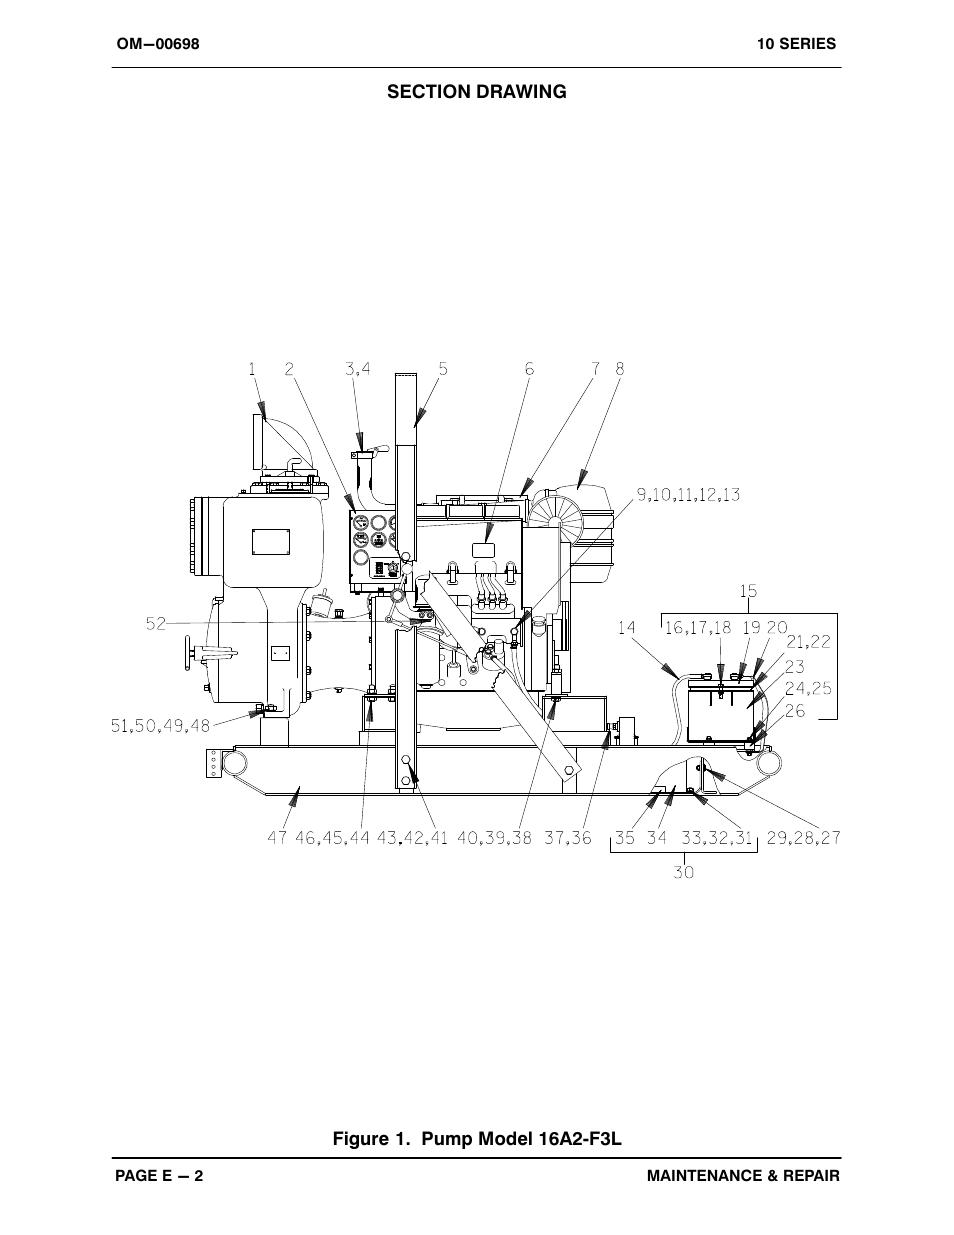 Gorman-Rupp Pumps 16A2-F3L 1317807 and up User Manual